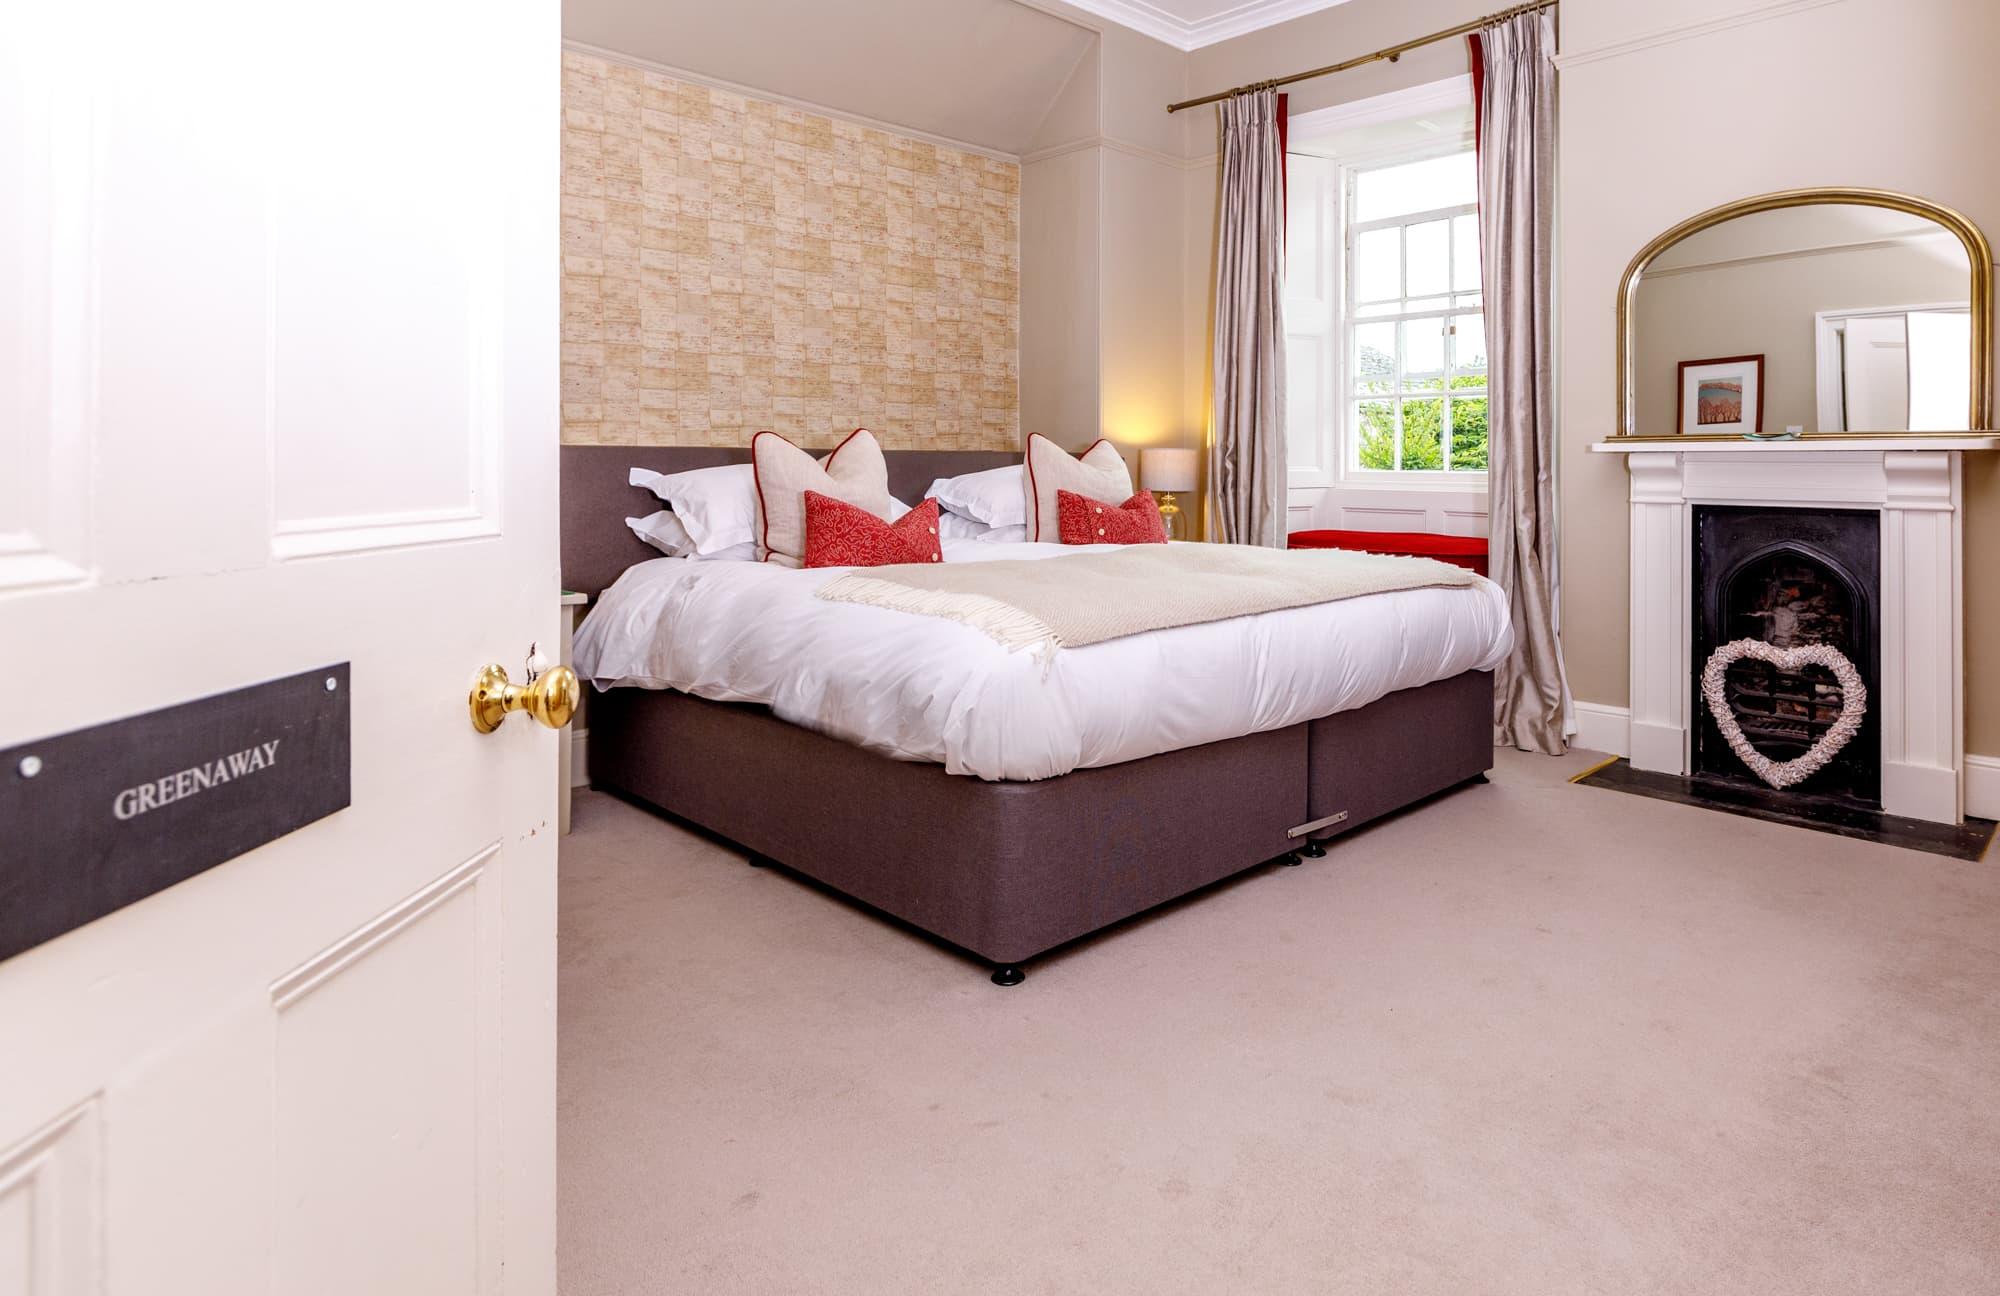 Greenaway - Bedroom and door 2-pichi